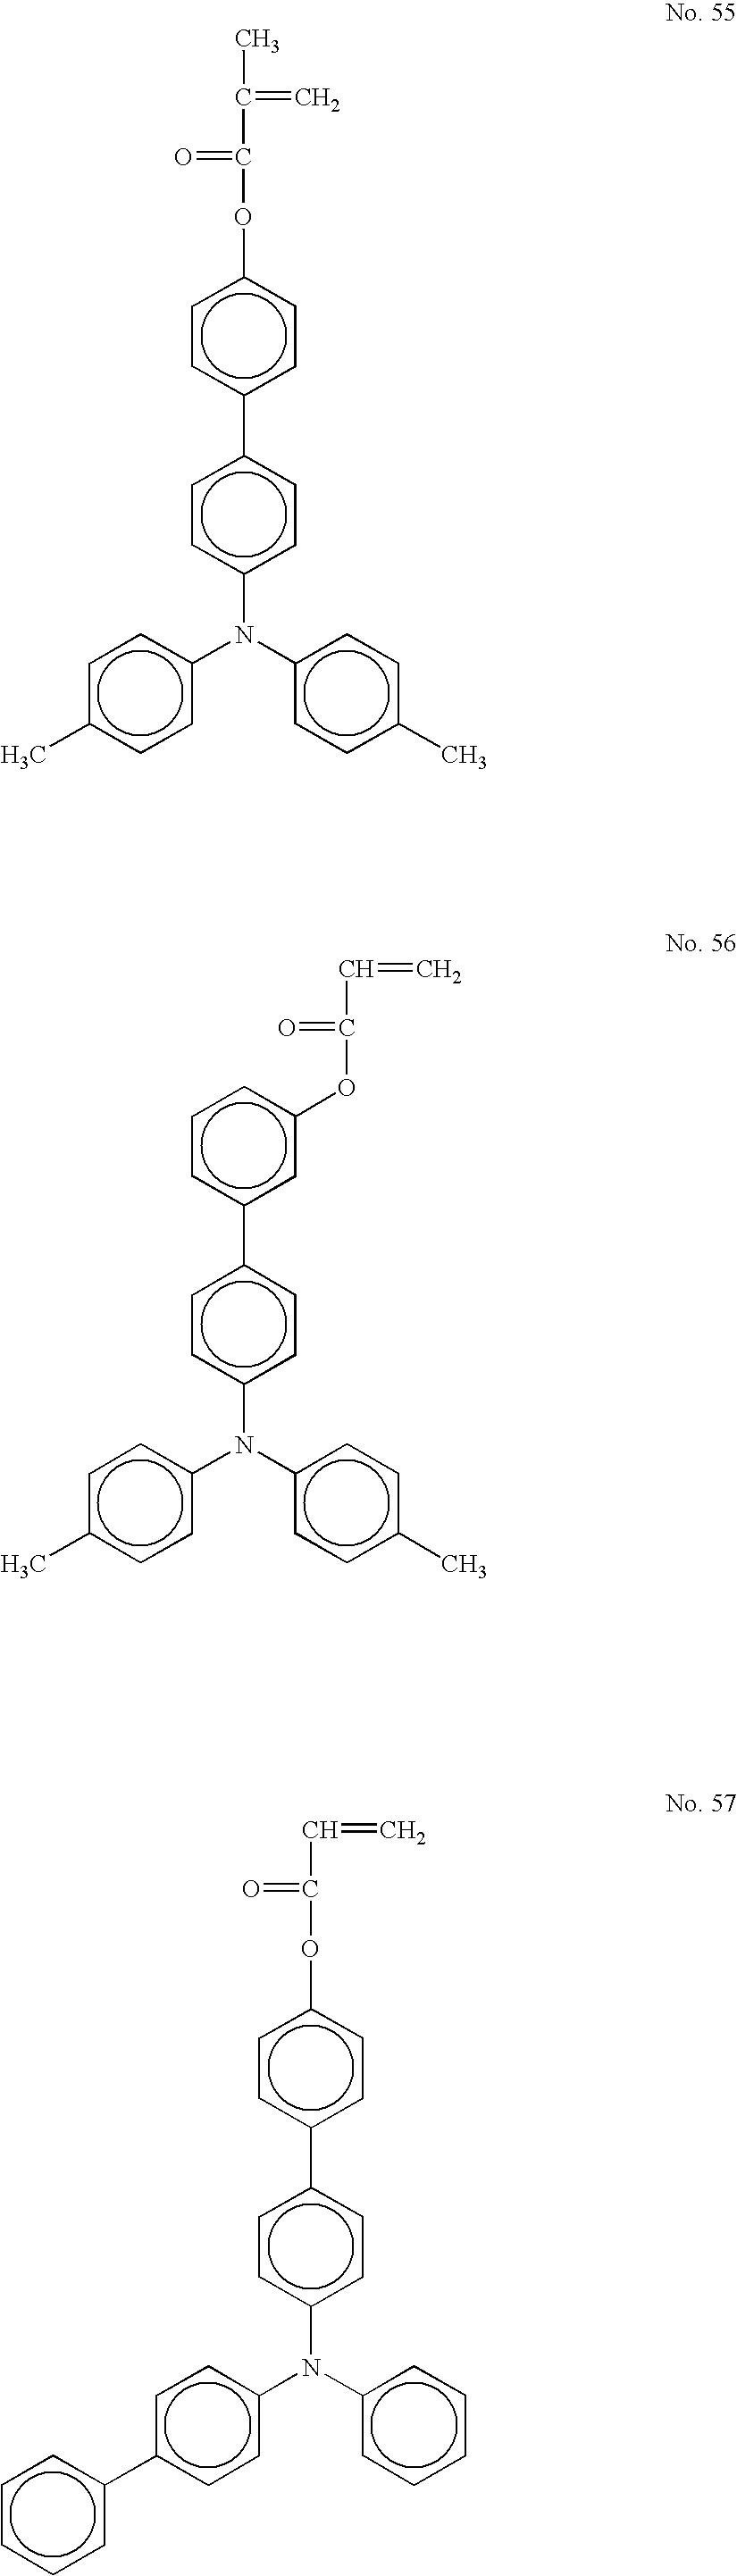 Figure US20040253527A1-20041216-C00030